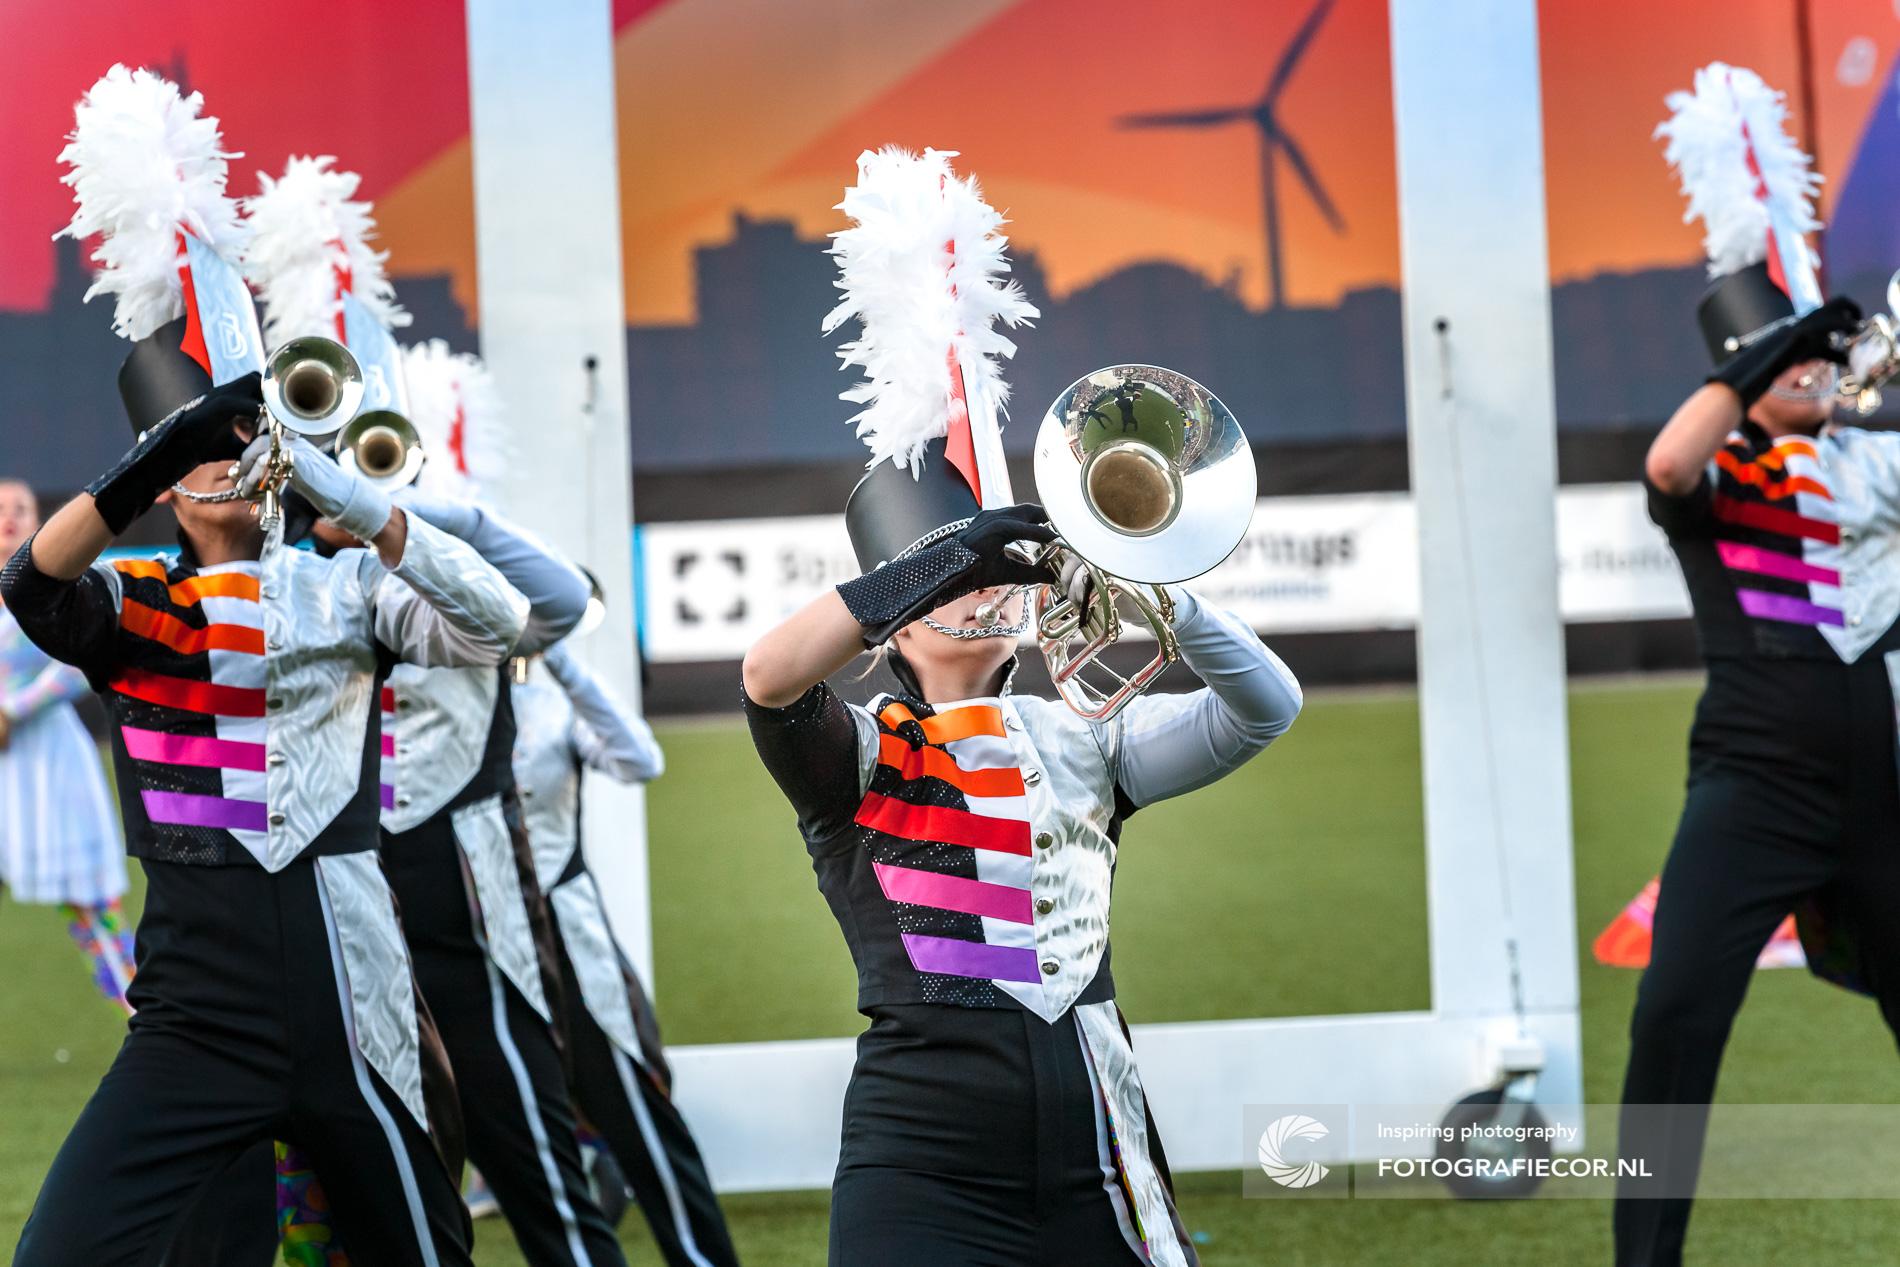 Dordrecht| Kampen | Den Bosch | Taptoe | event fotografie | fotograaf | evenementen | muziek | concert | fotograaf